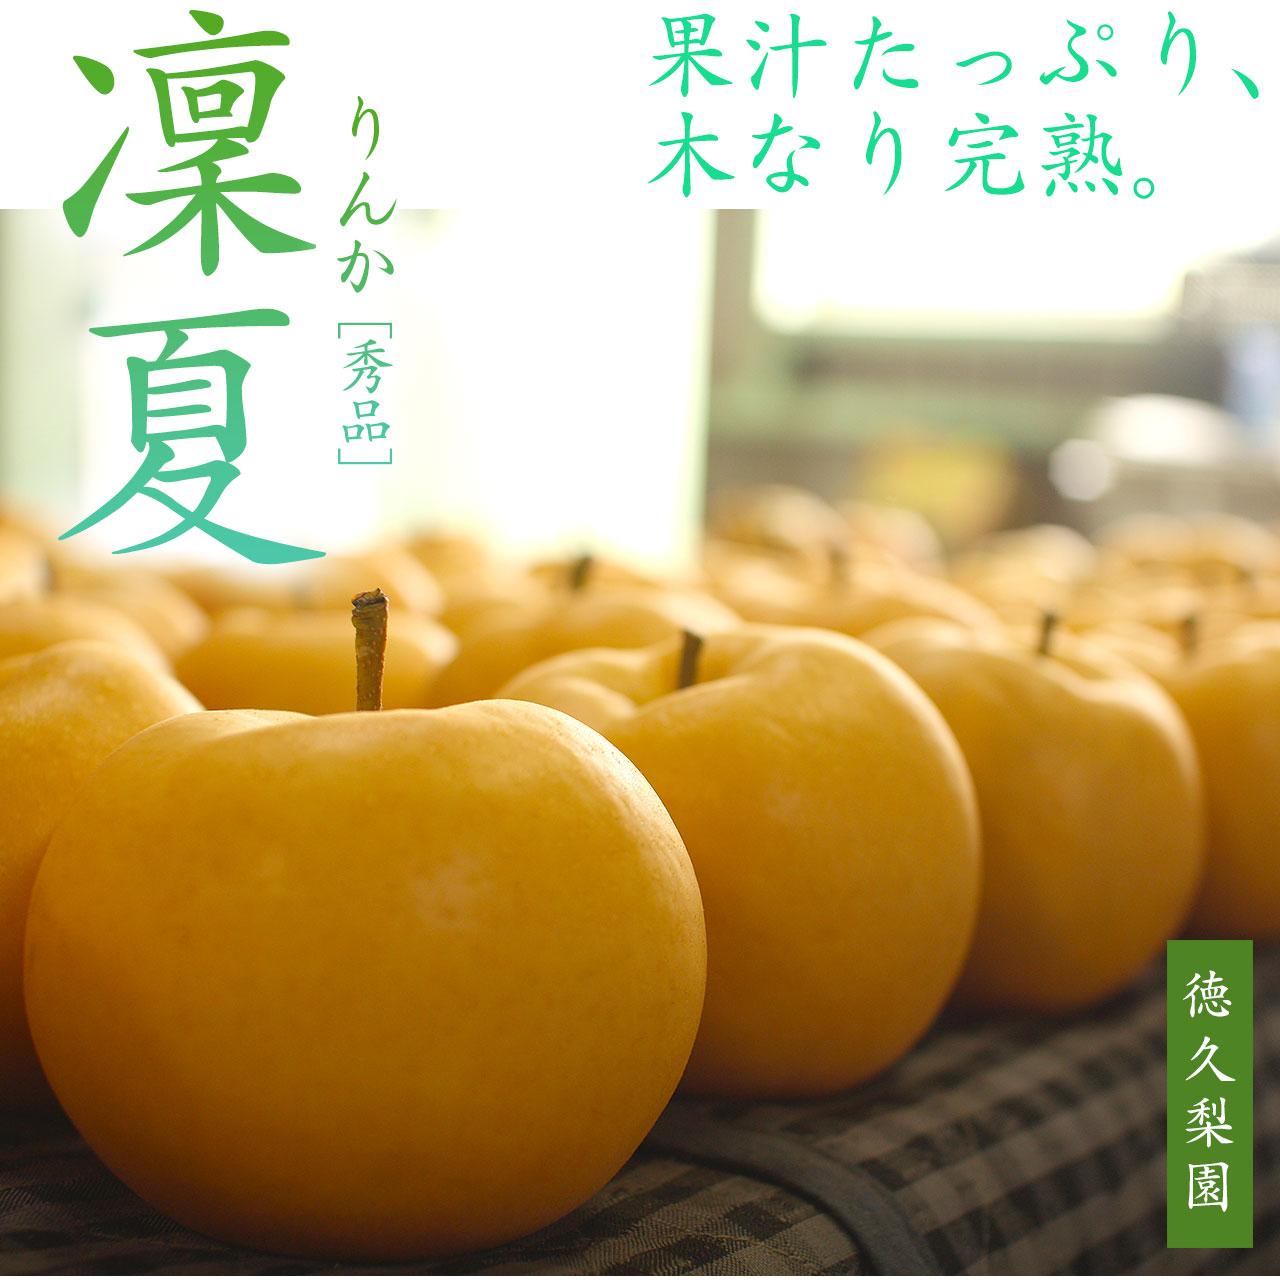 凜夏(りんか) 梨